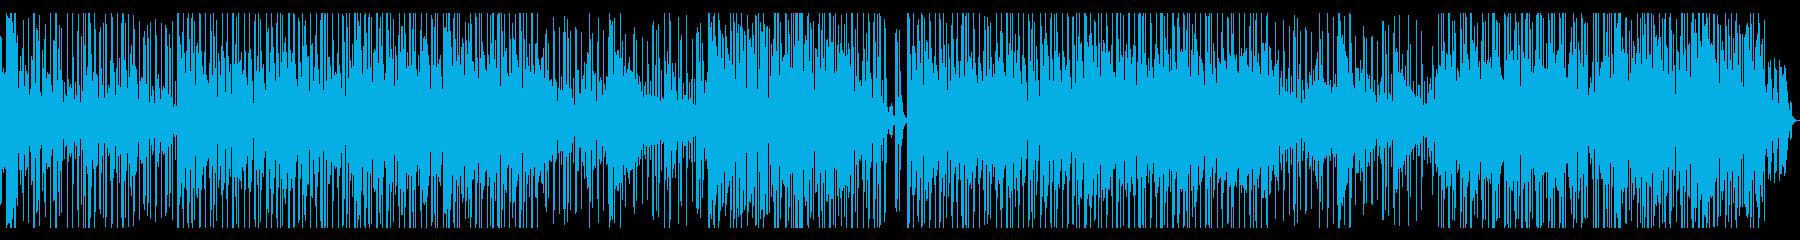 都会/アーバン/R&B_No459_1の再生済みの波形